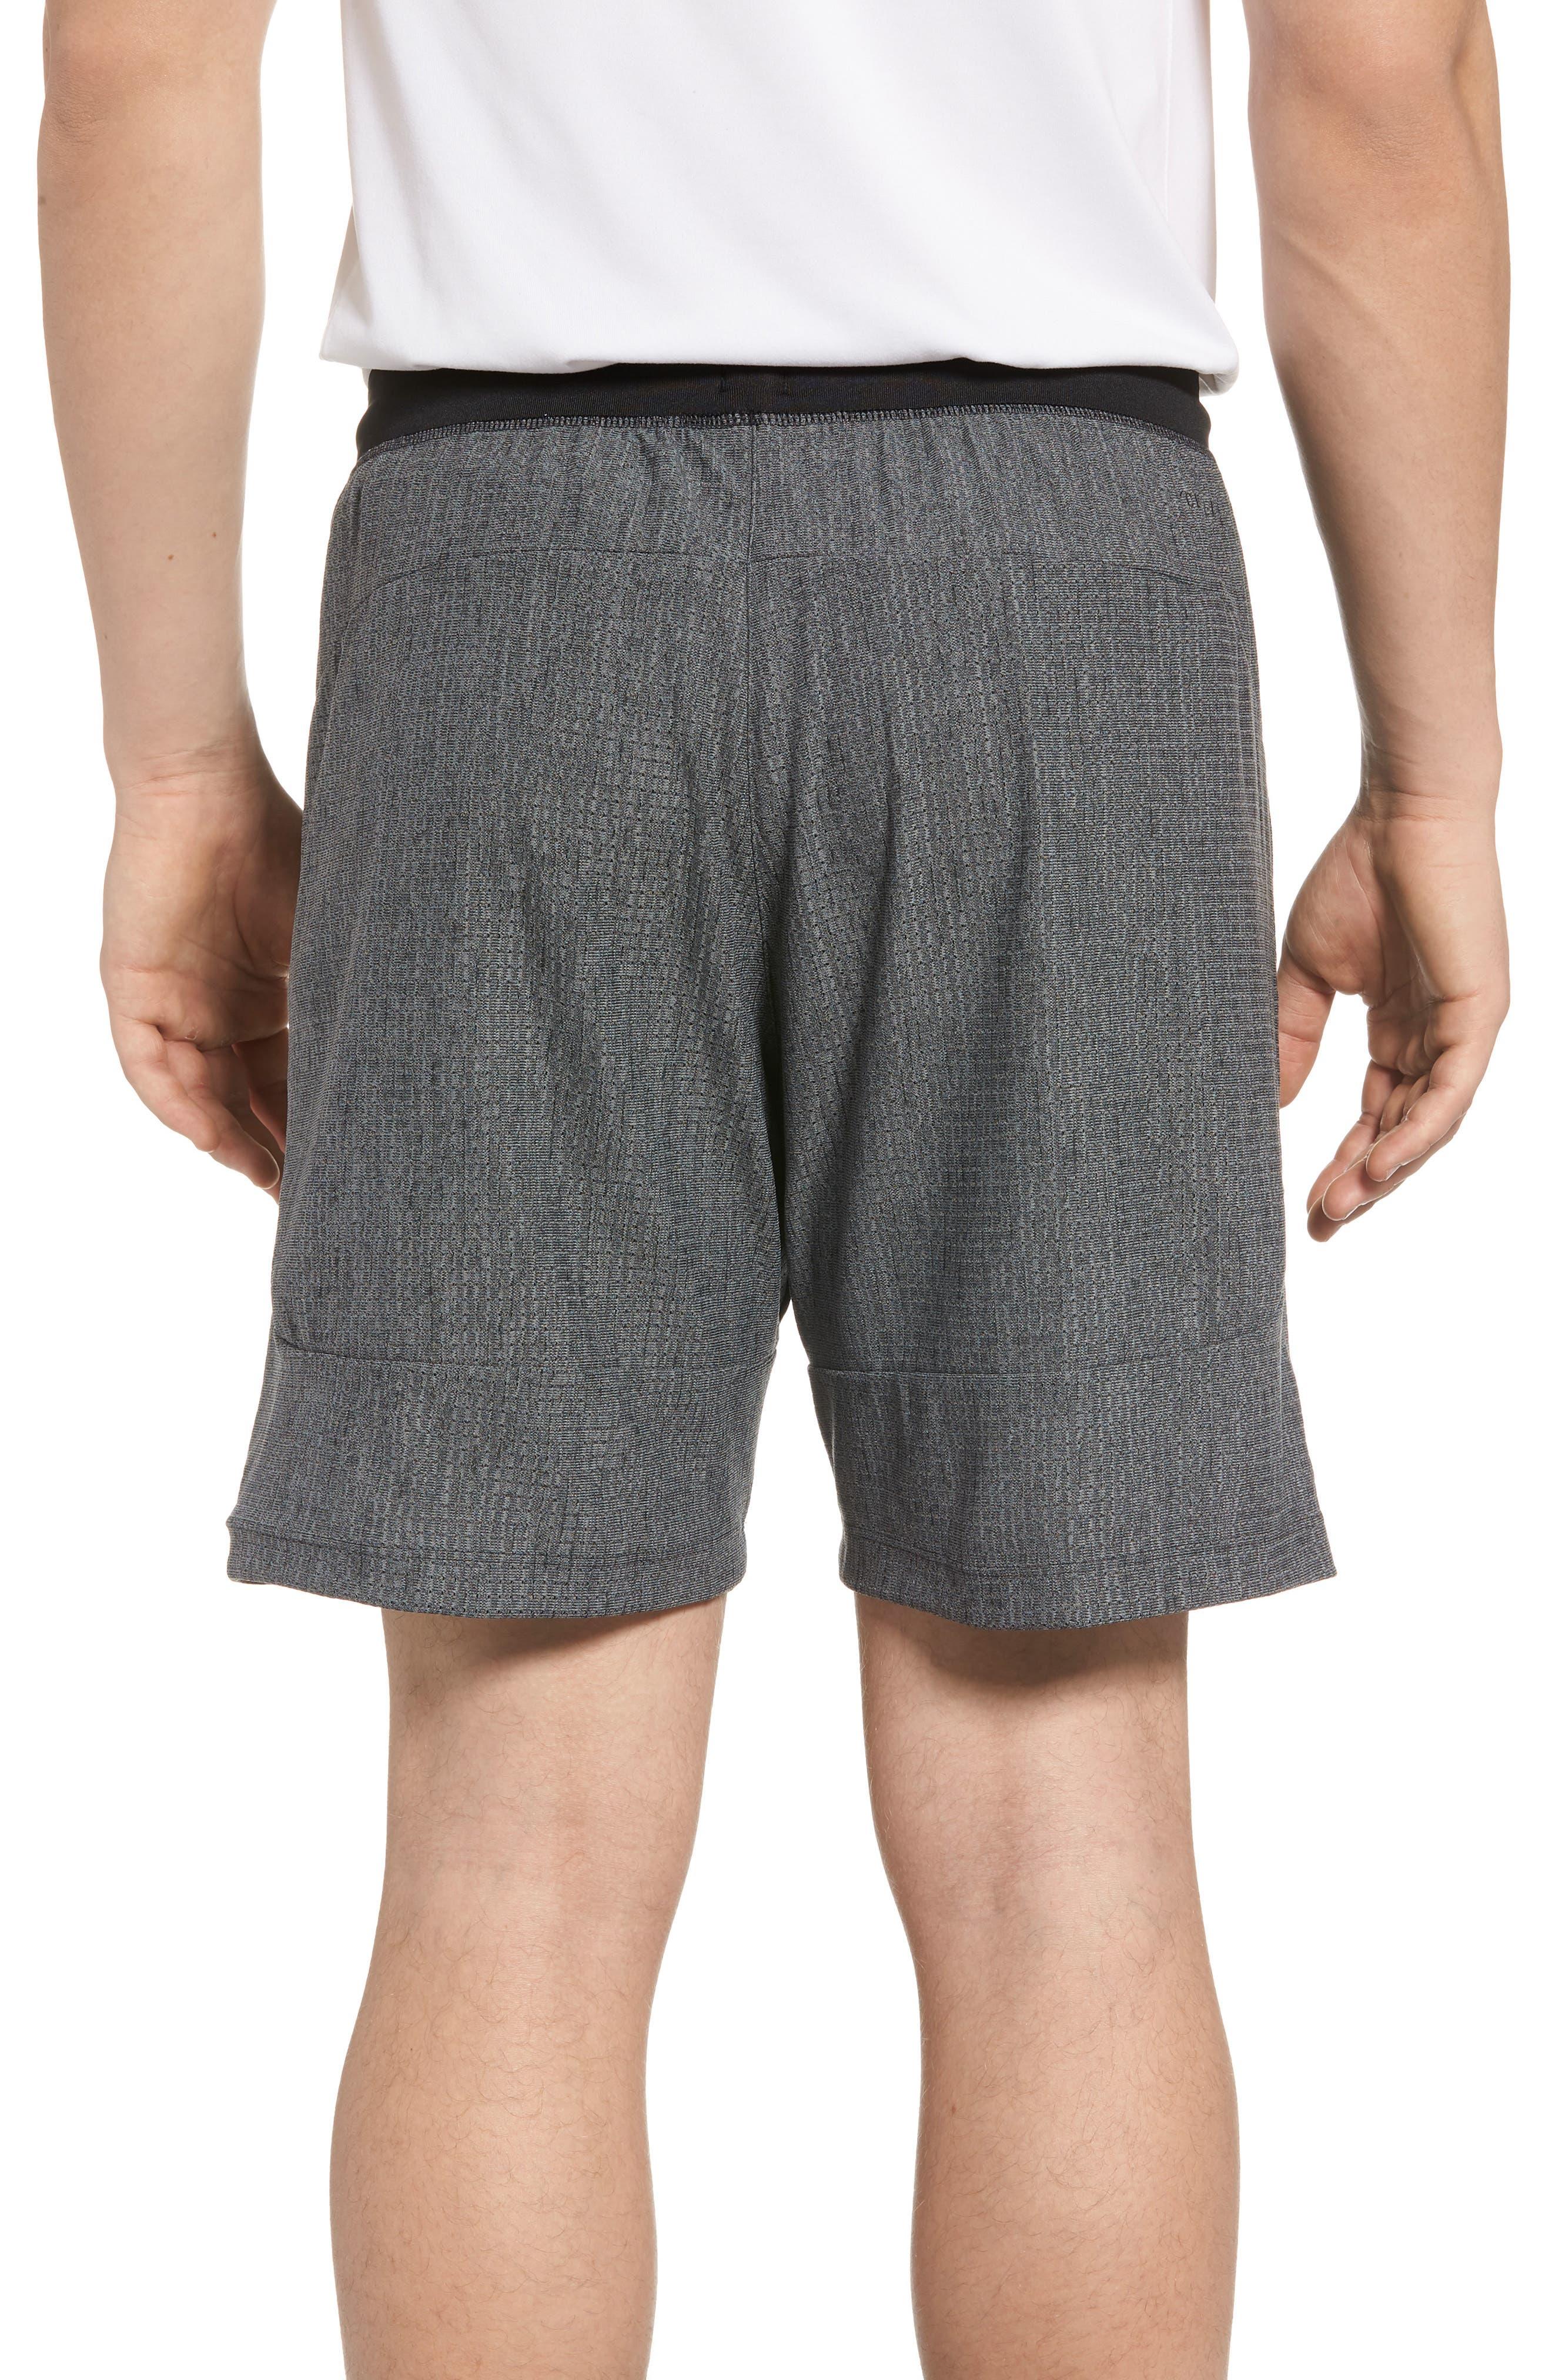 Speedbreaker Shorts,                             Alternate thumbnail 2, color,                             036